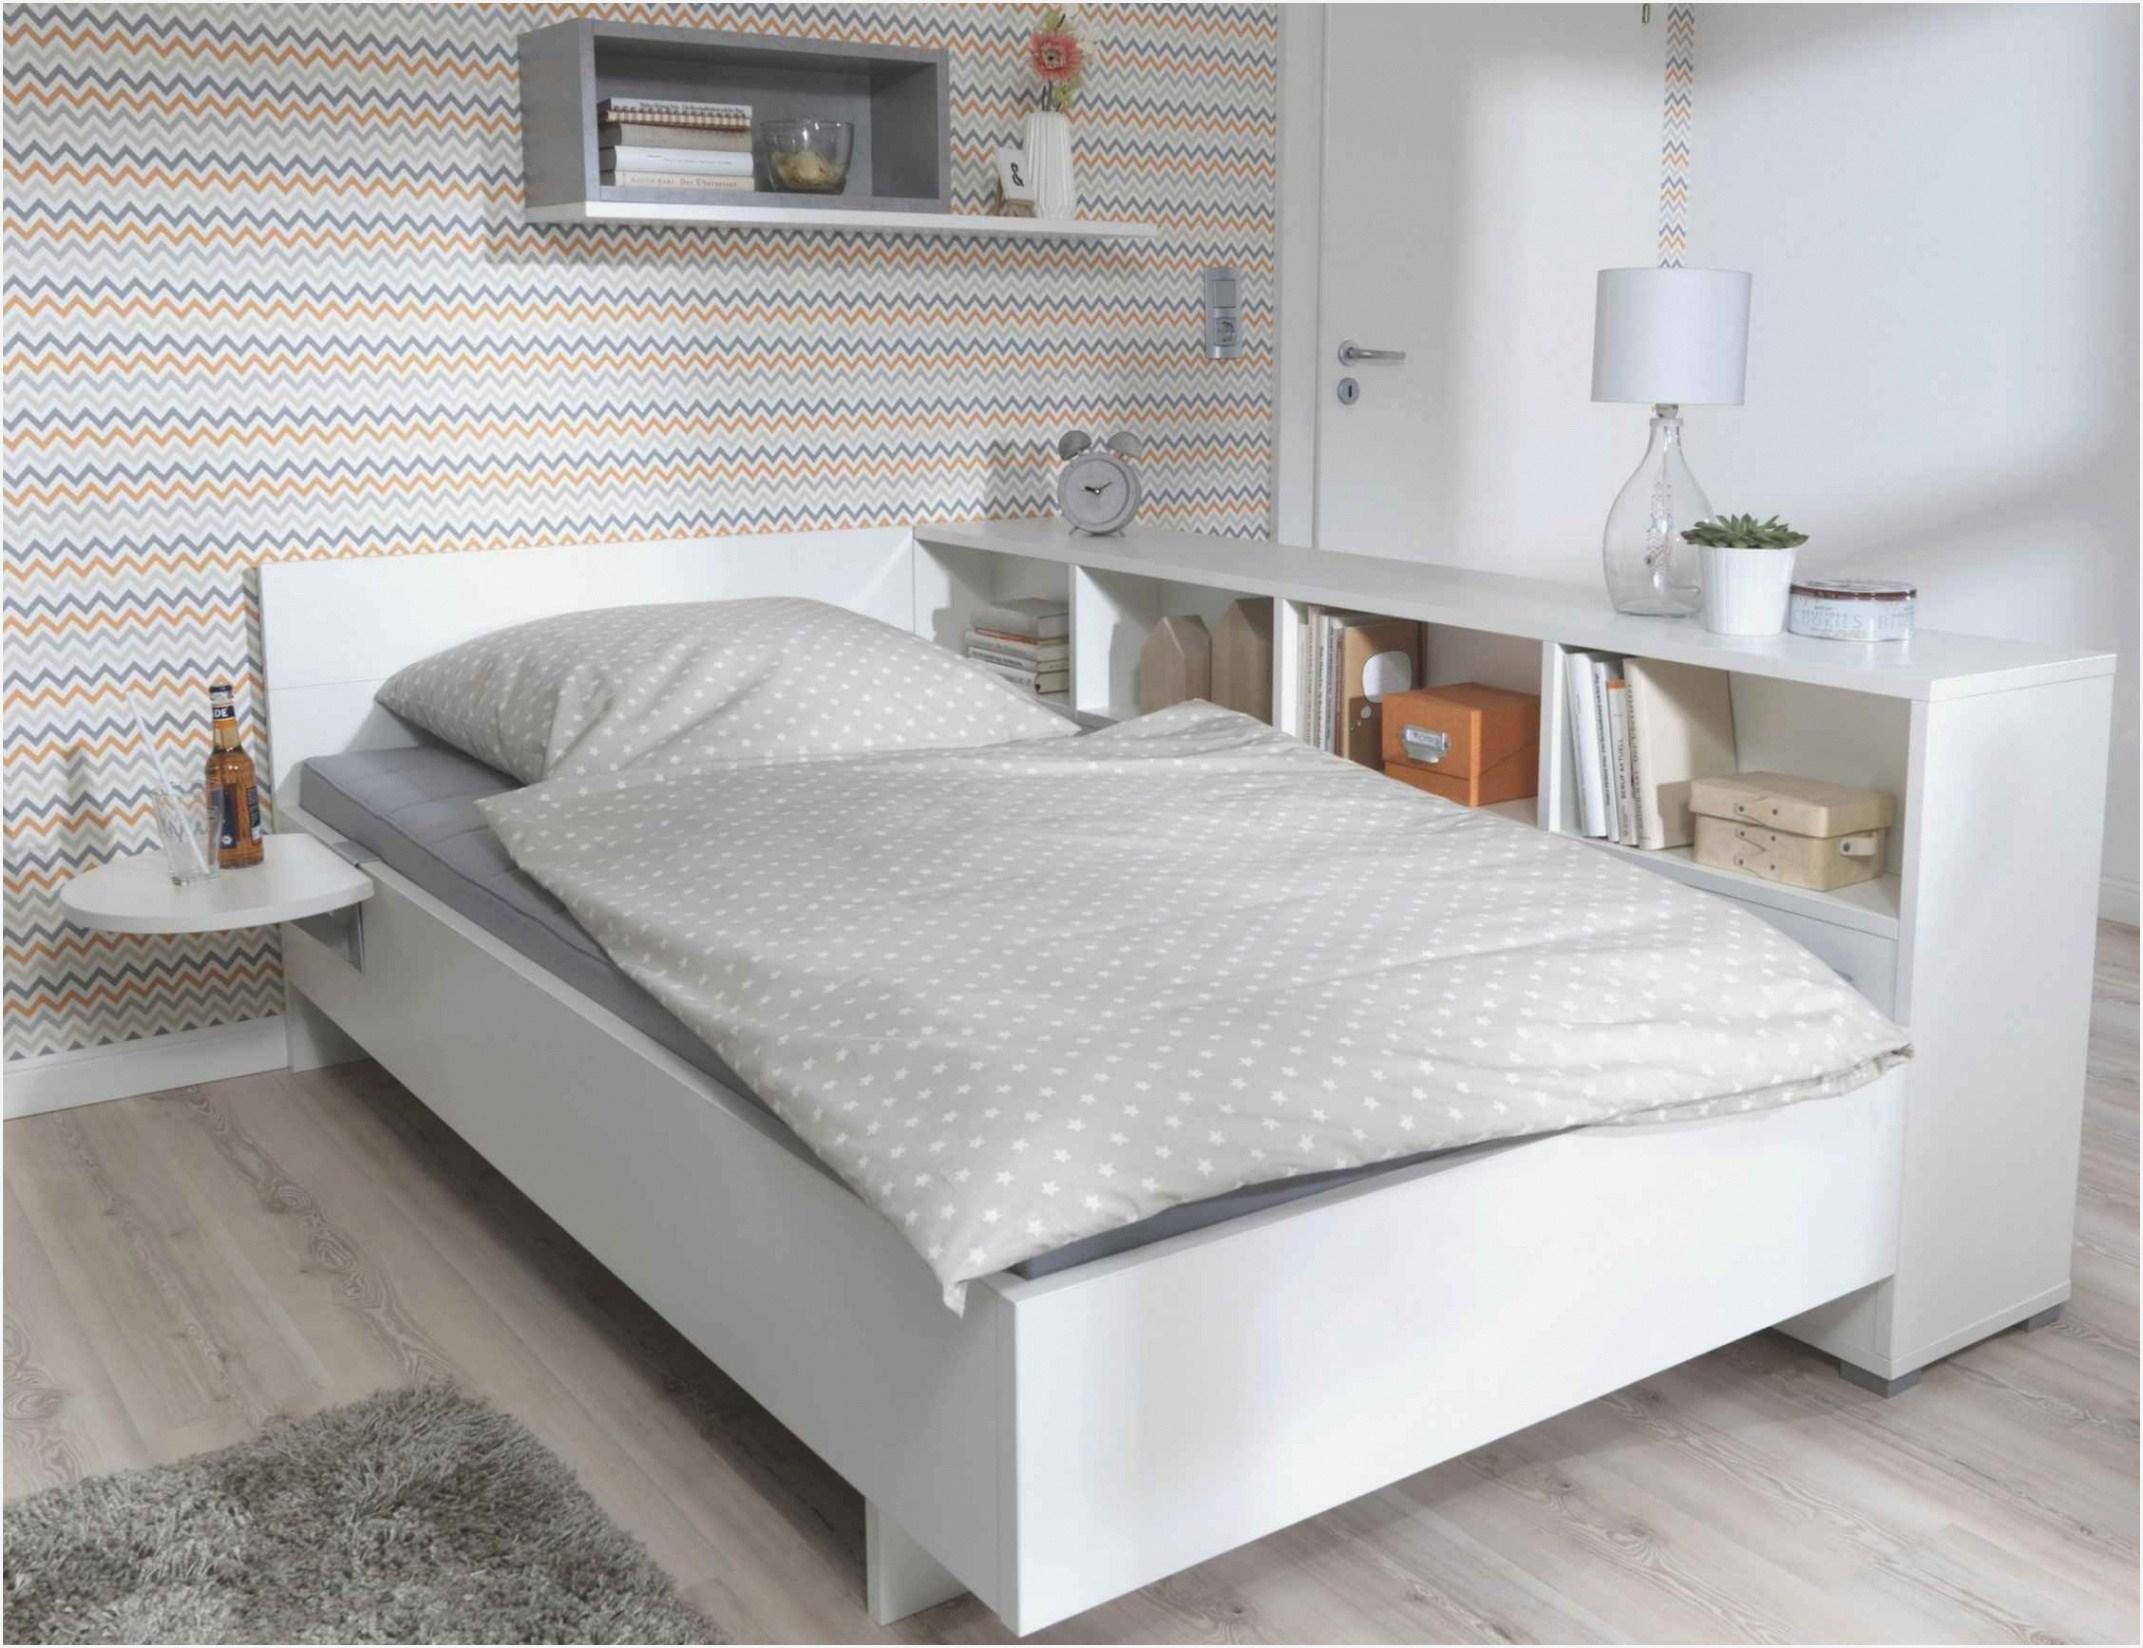 Schlafzimmer Dachschräge Ideen